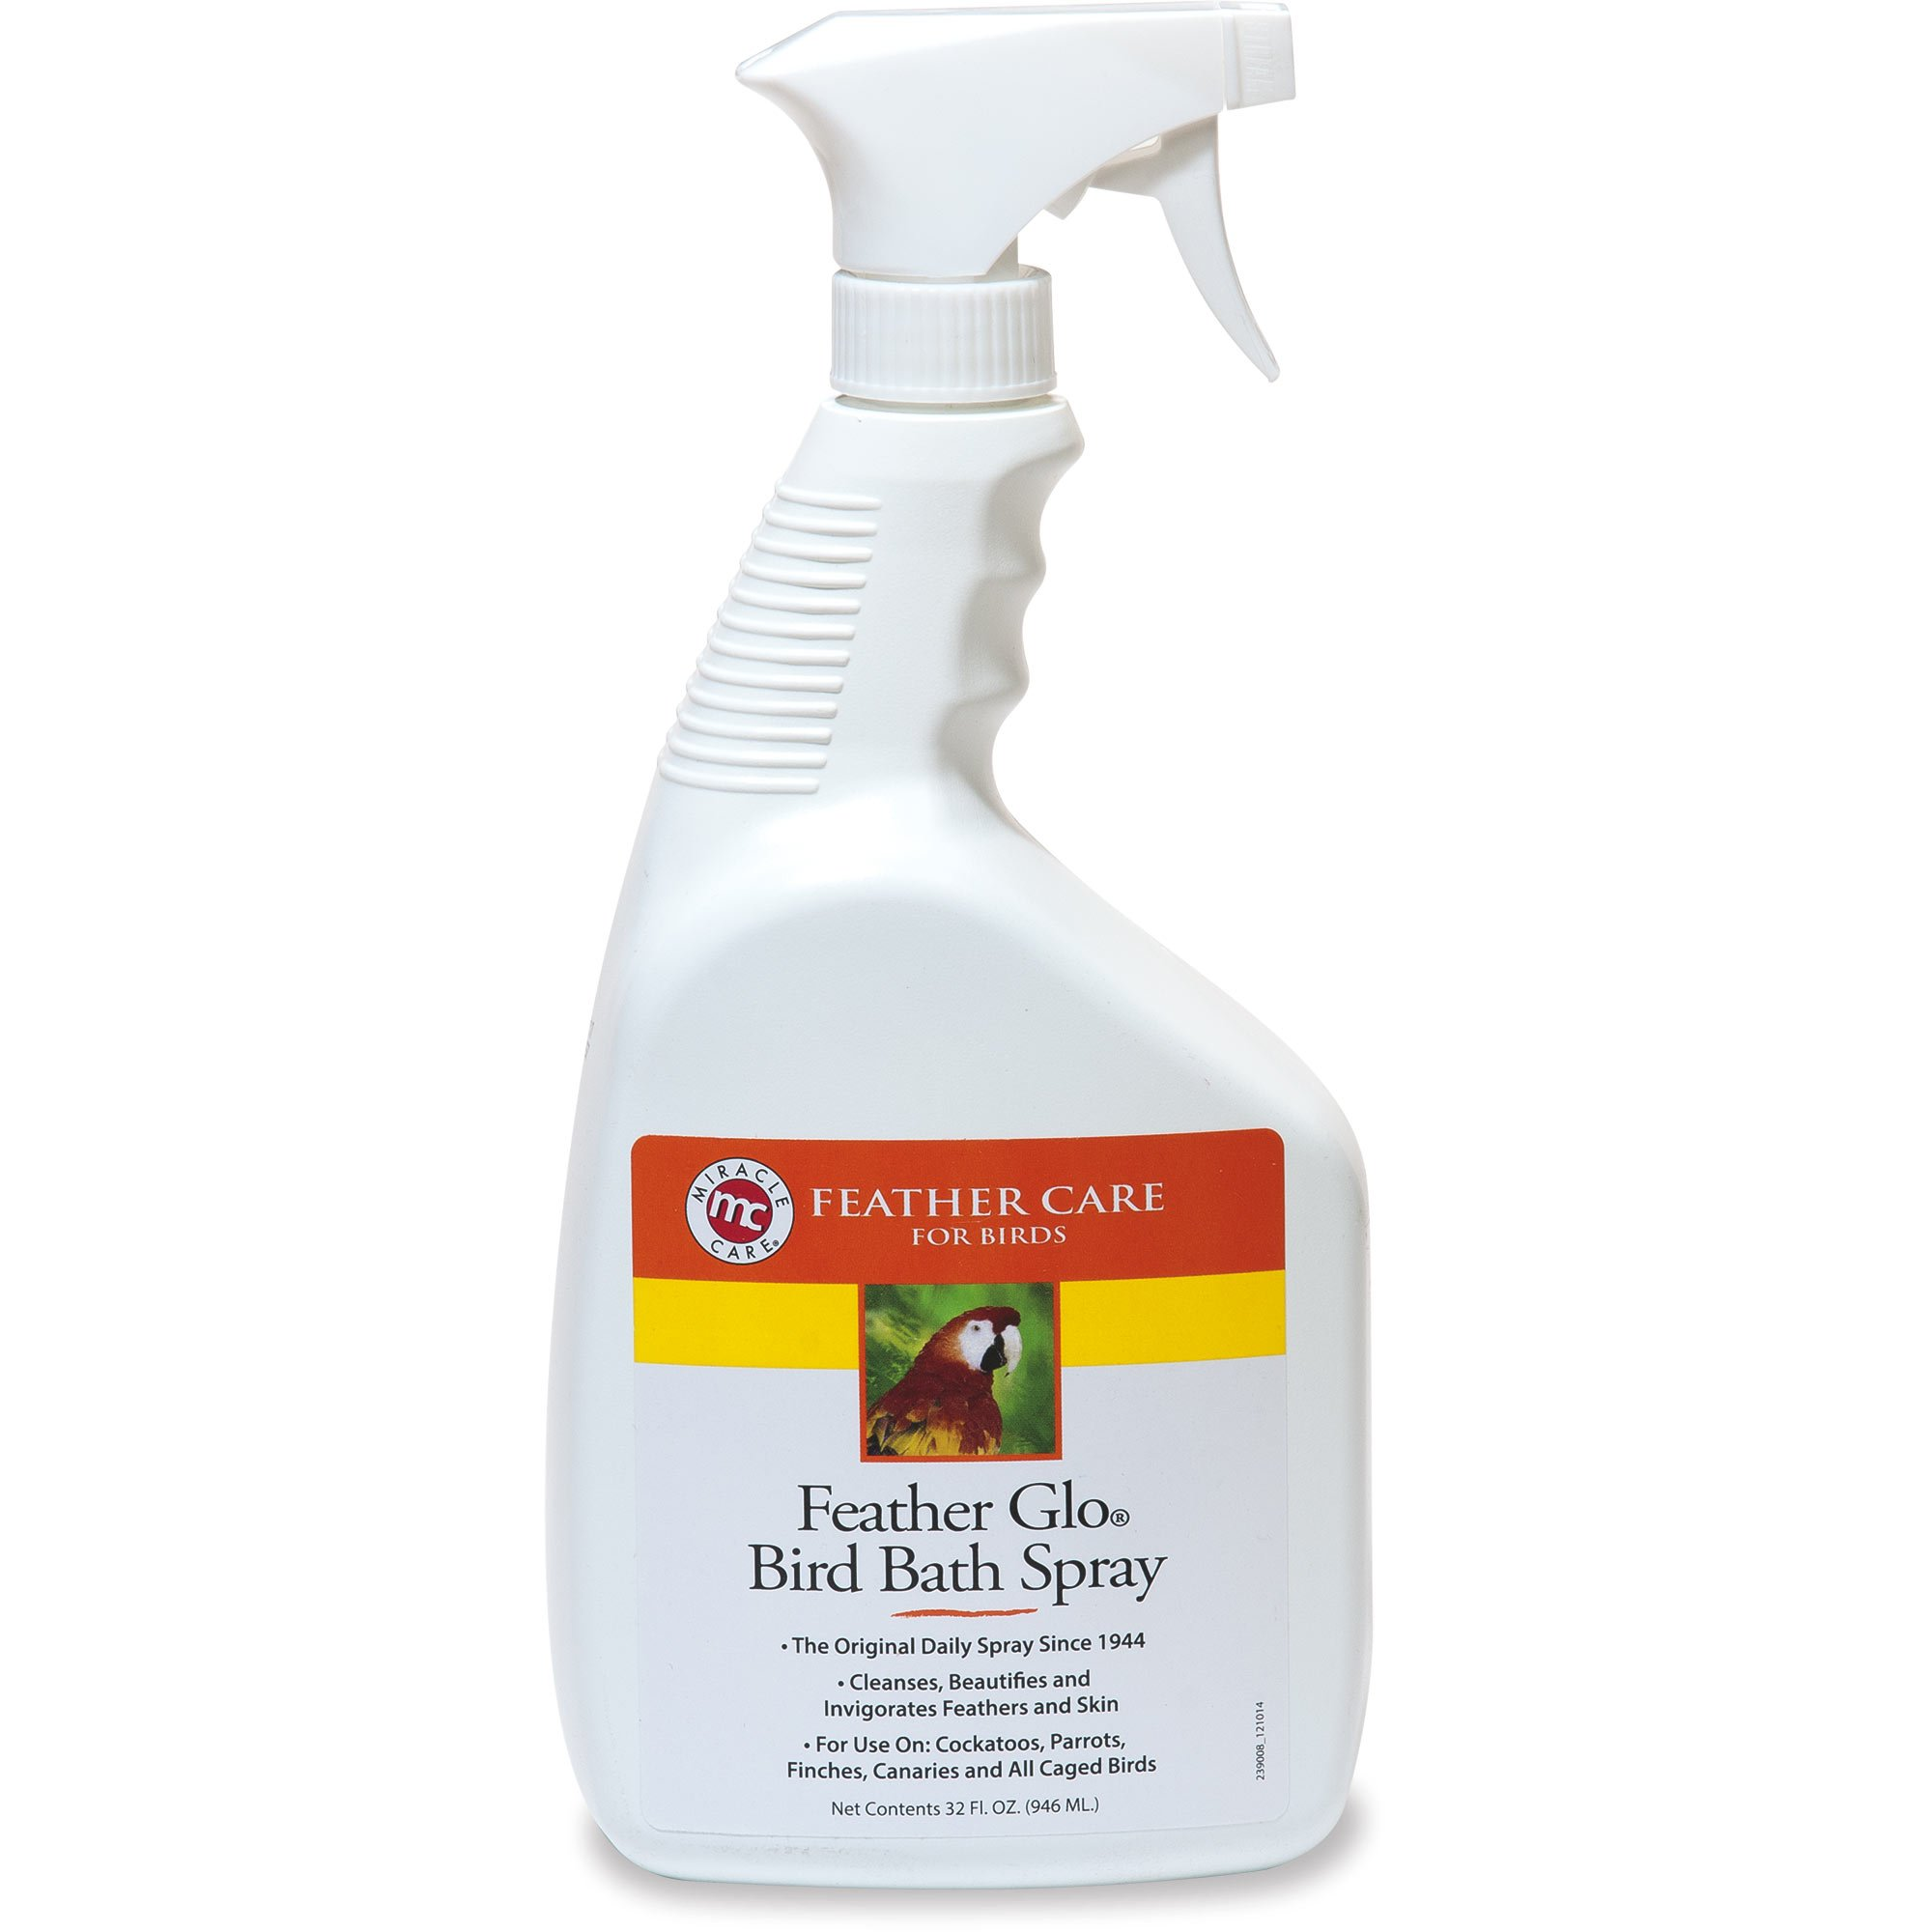 Feather Glo Bird Bath Spray- 32 FL OZ